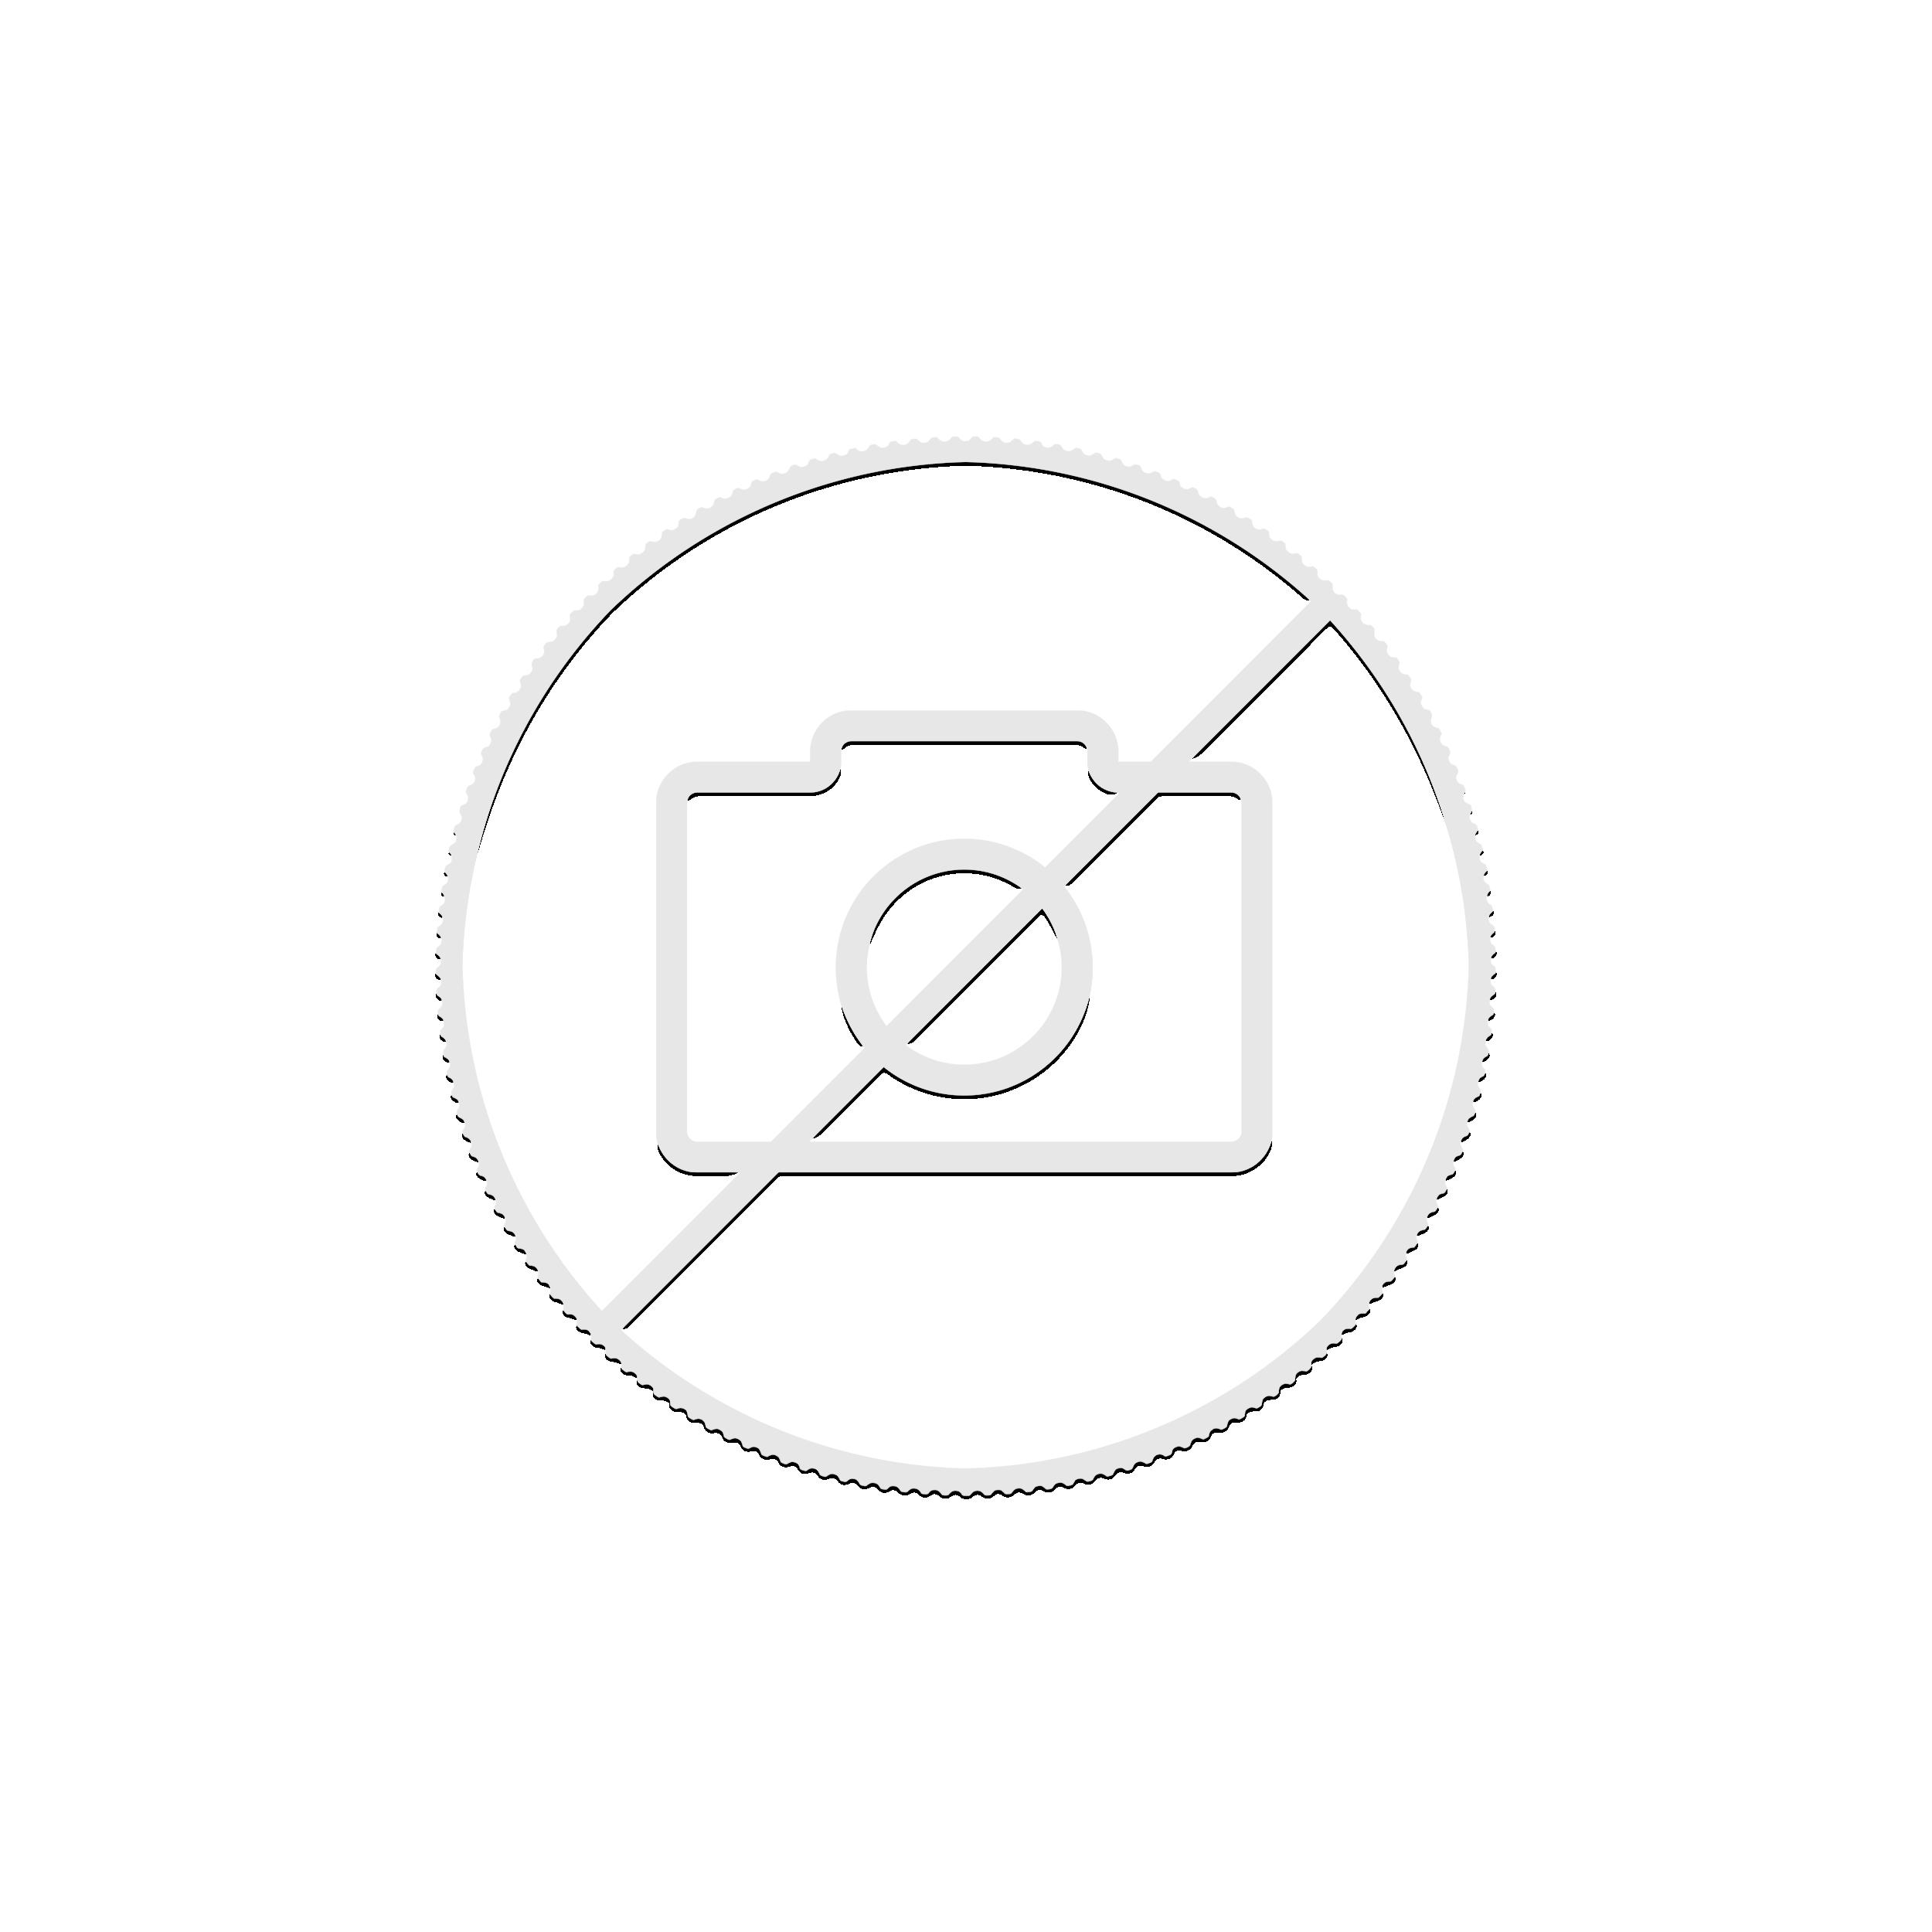 1 troy ounce zilveren munt Kookaburra 2022